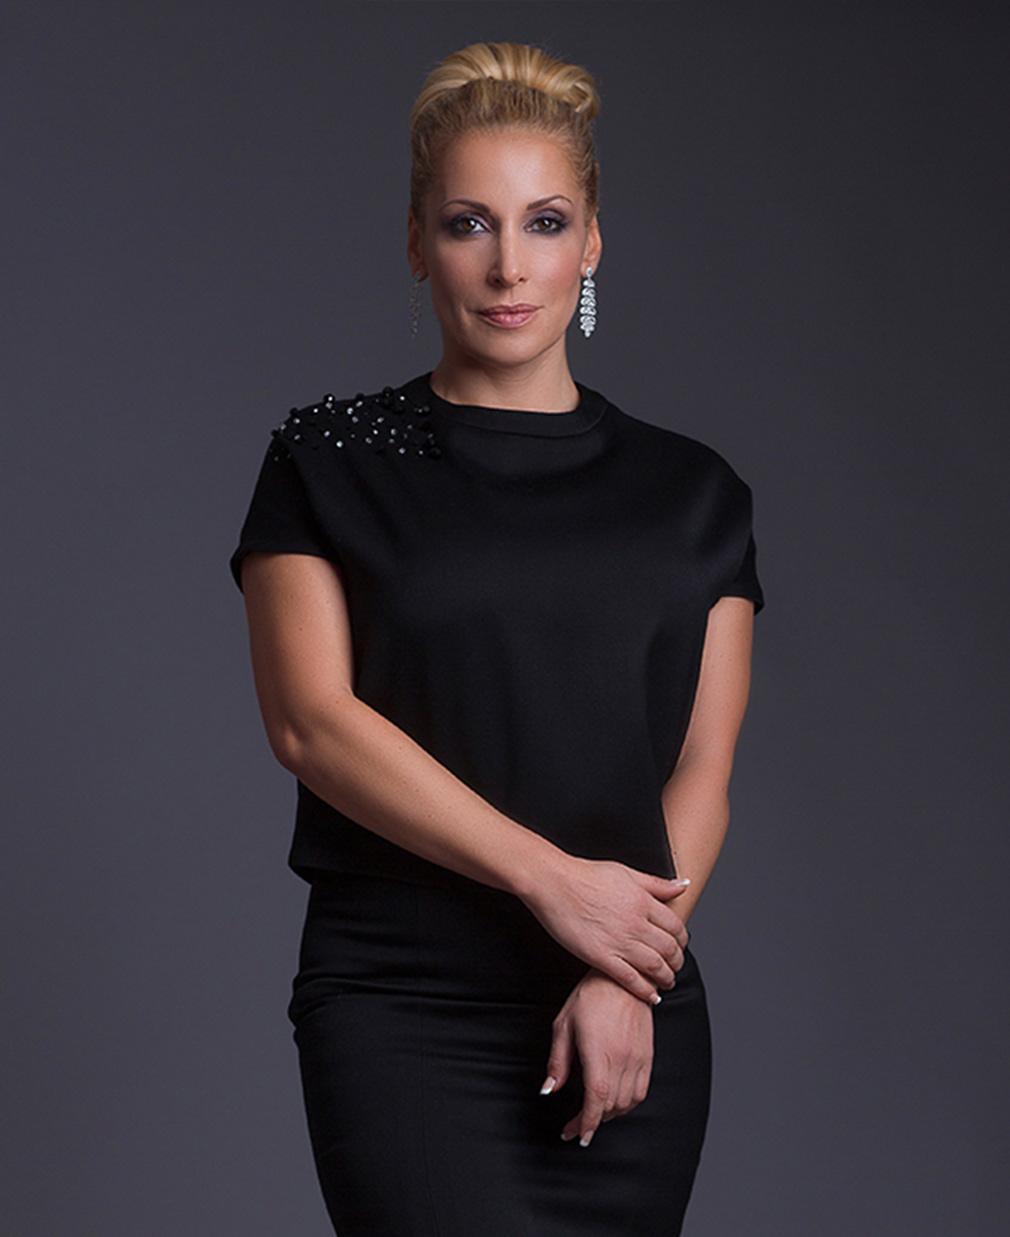 Tatiana-Perez-Moder